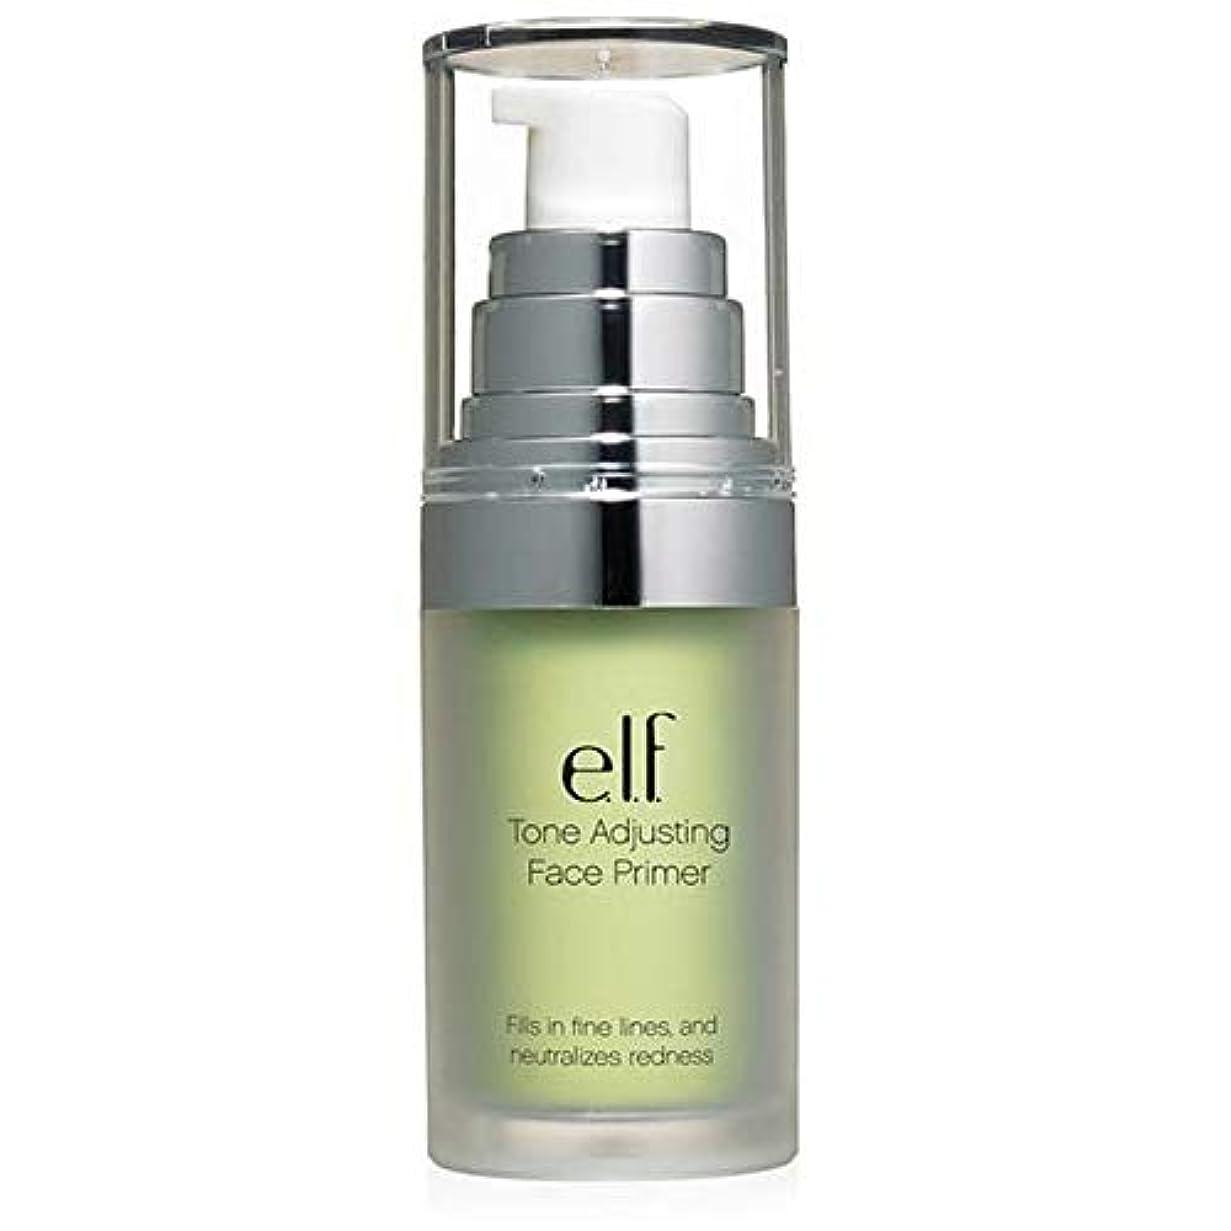 動脈語盟主[Elf ] エルフ。緑の402を中和トーン調整顔プライマー - e.l.f. Tone Adjusting Face Primer Neutralizing Green 402 [並行輸入品]